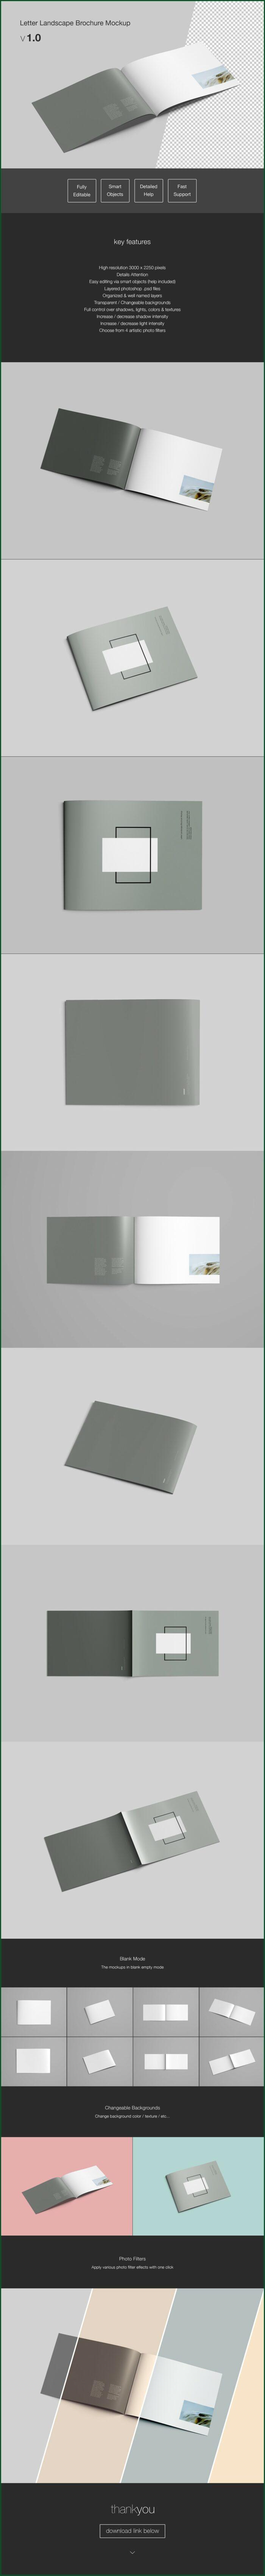 Letter Landscape Brochure Mockup Free